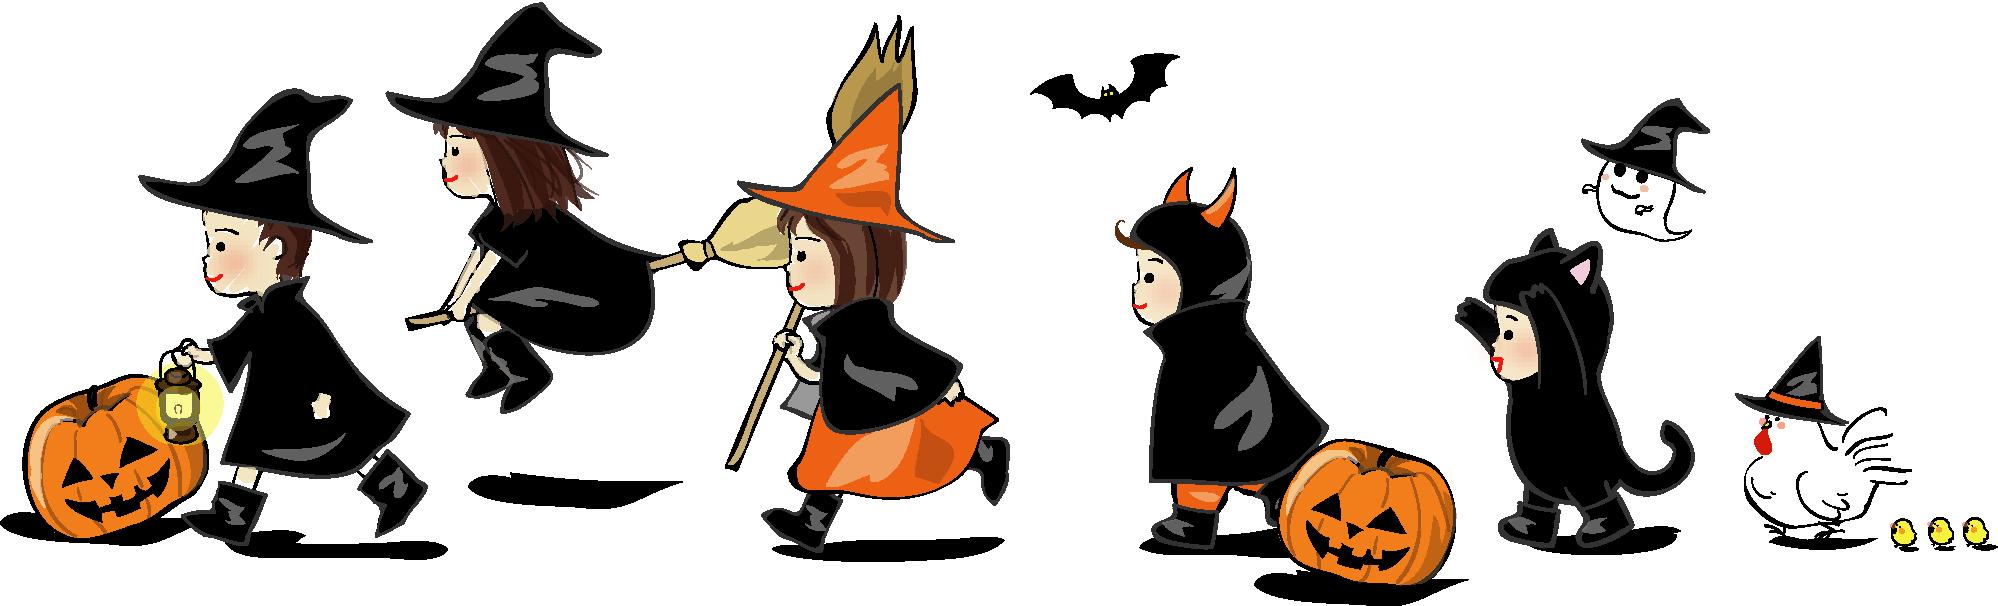 無料イラスト素材「ハロウィン・子どもたちの行進」ダウンロード